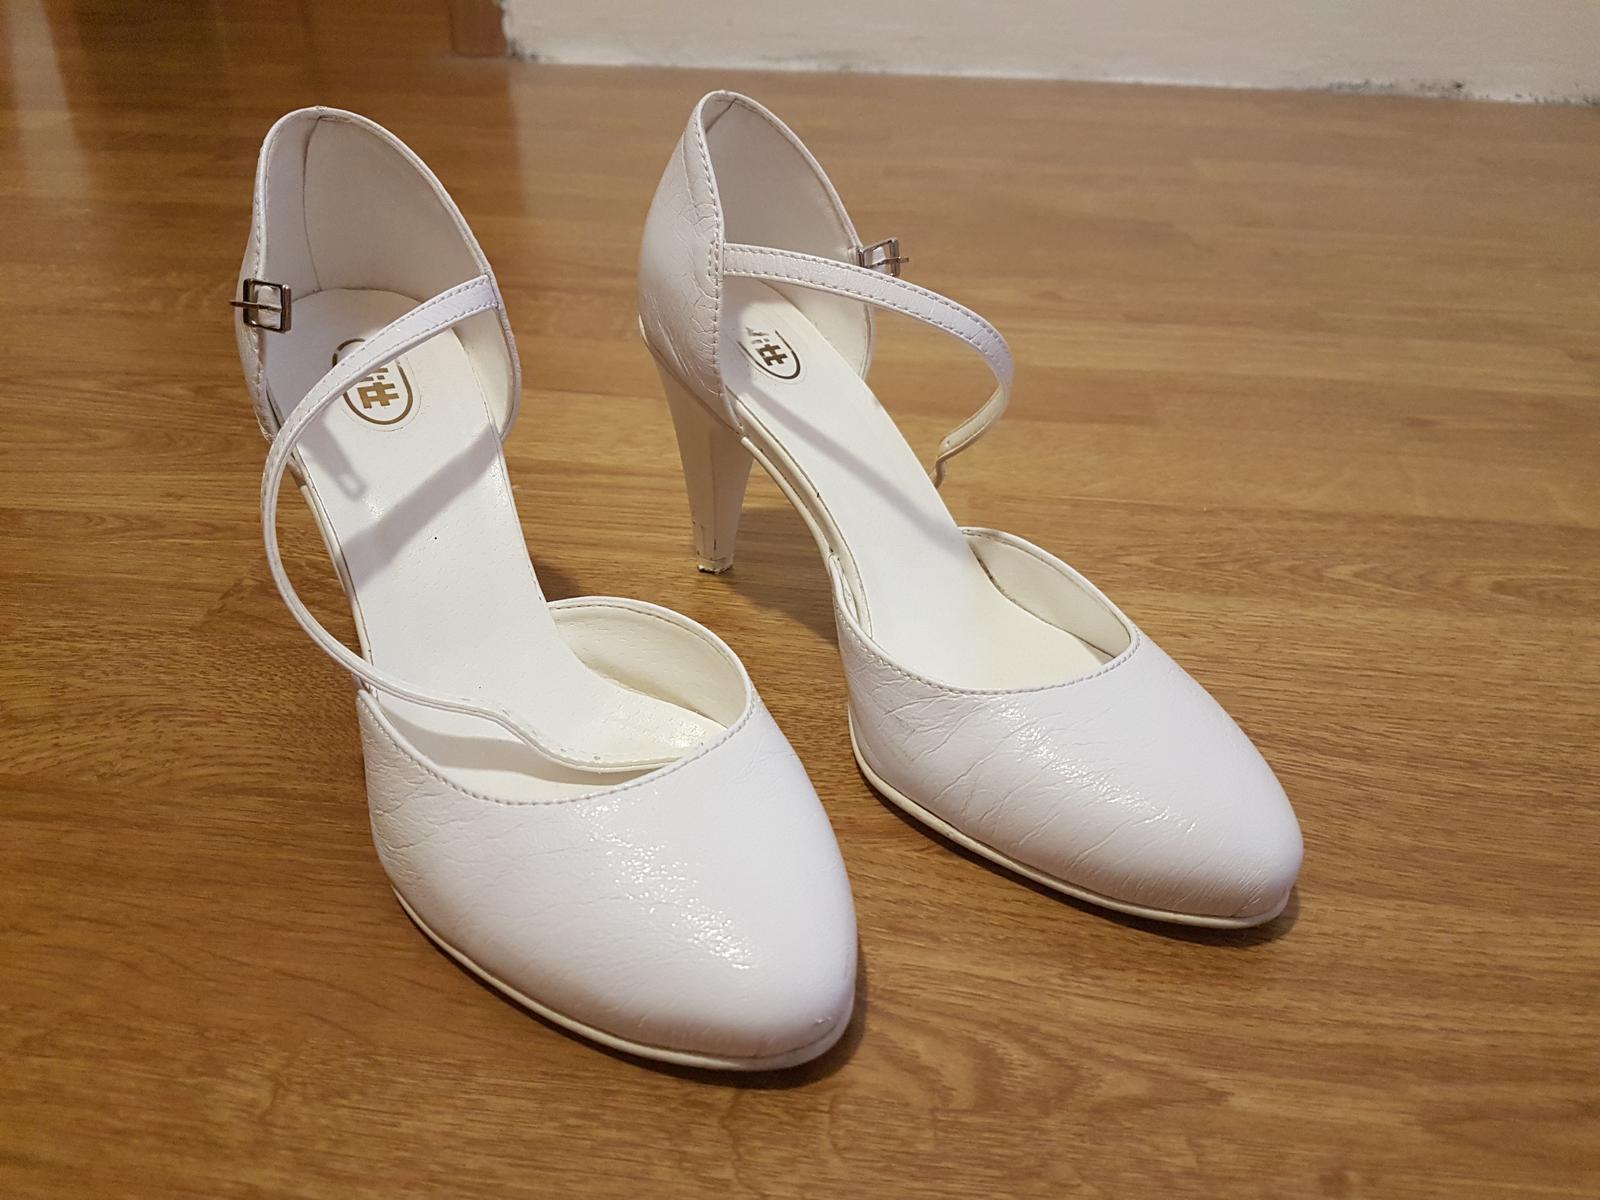 Snehobiele topánky  - Obrázok č. 3